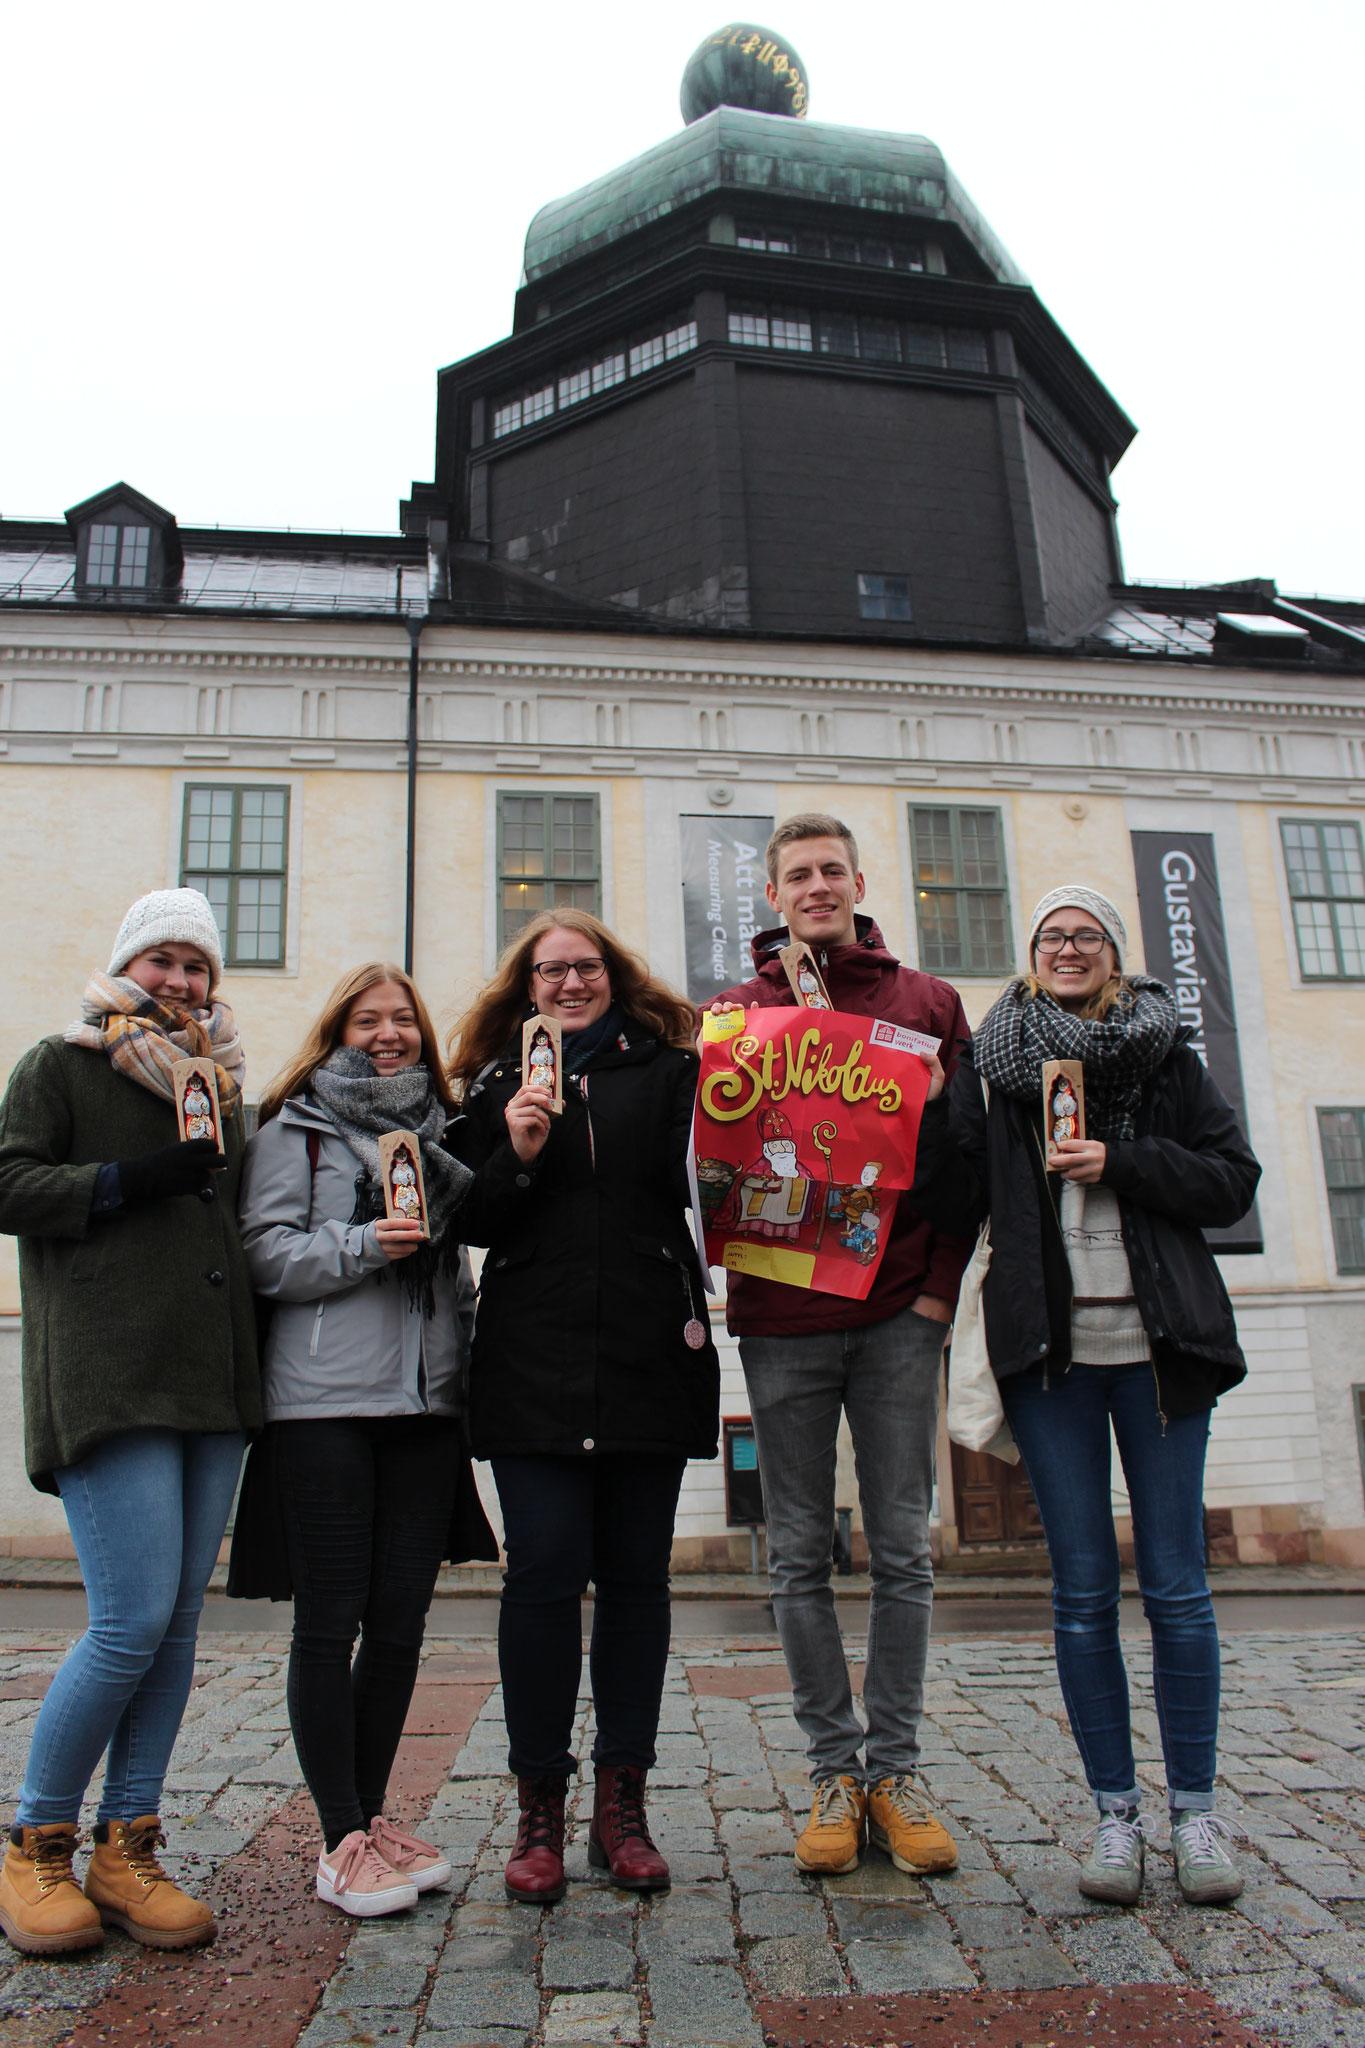 Miriam Schmelz, Pia Wittek, Anna Nick, Tobias Hövener und Magdalena Kollbeck vor dem Gustavianum in Uppsala